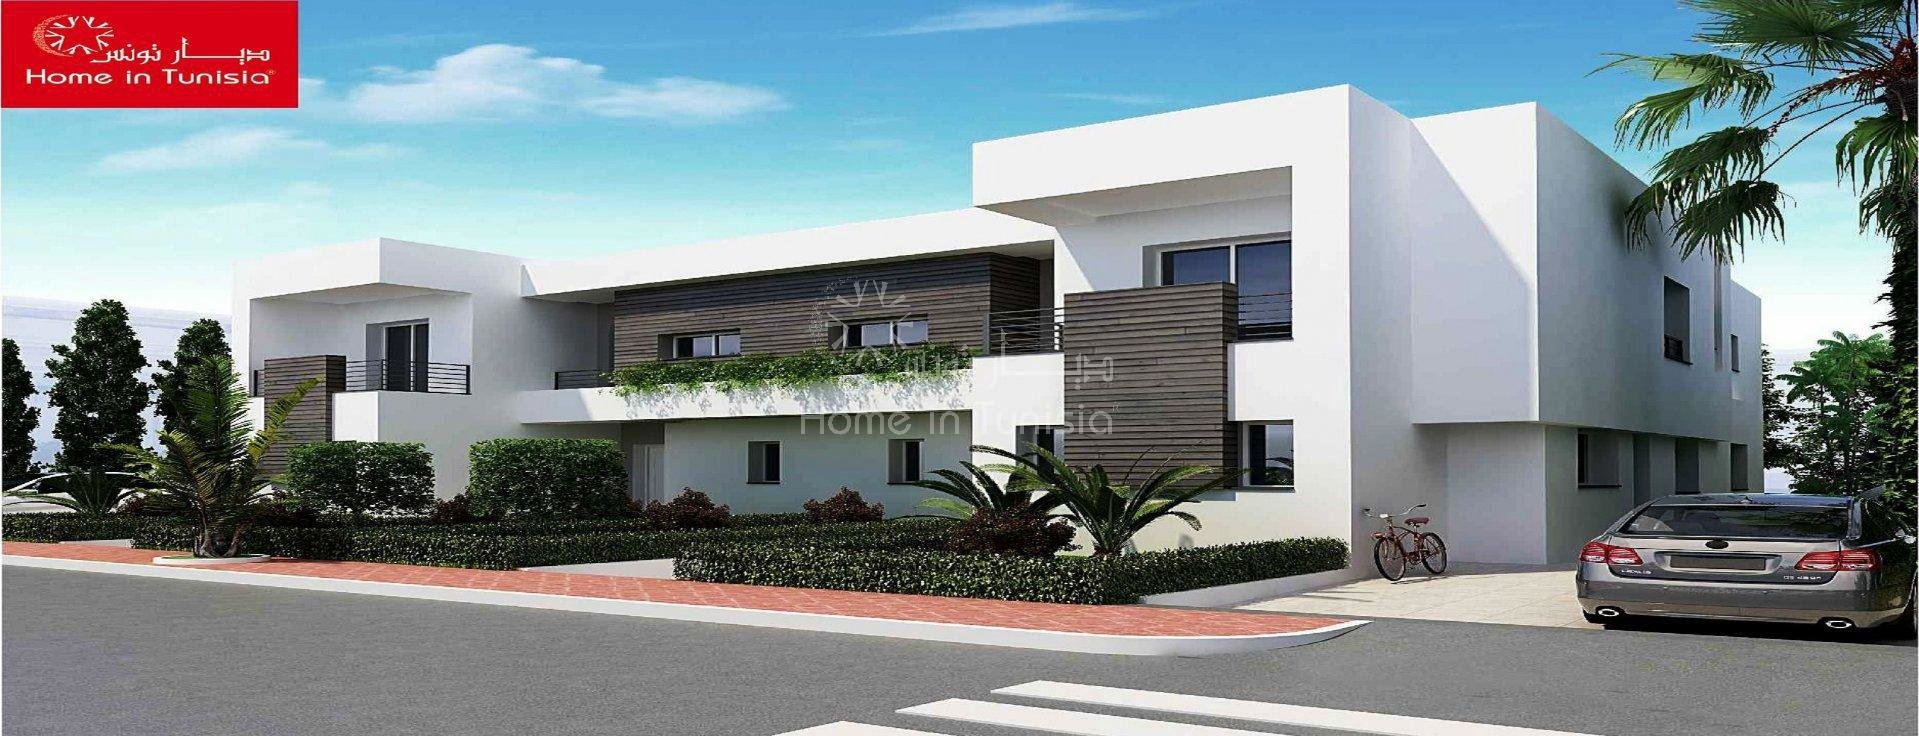 Investir villa golf jumelée pour le rendement locatif avec jardin et piscine prive